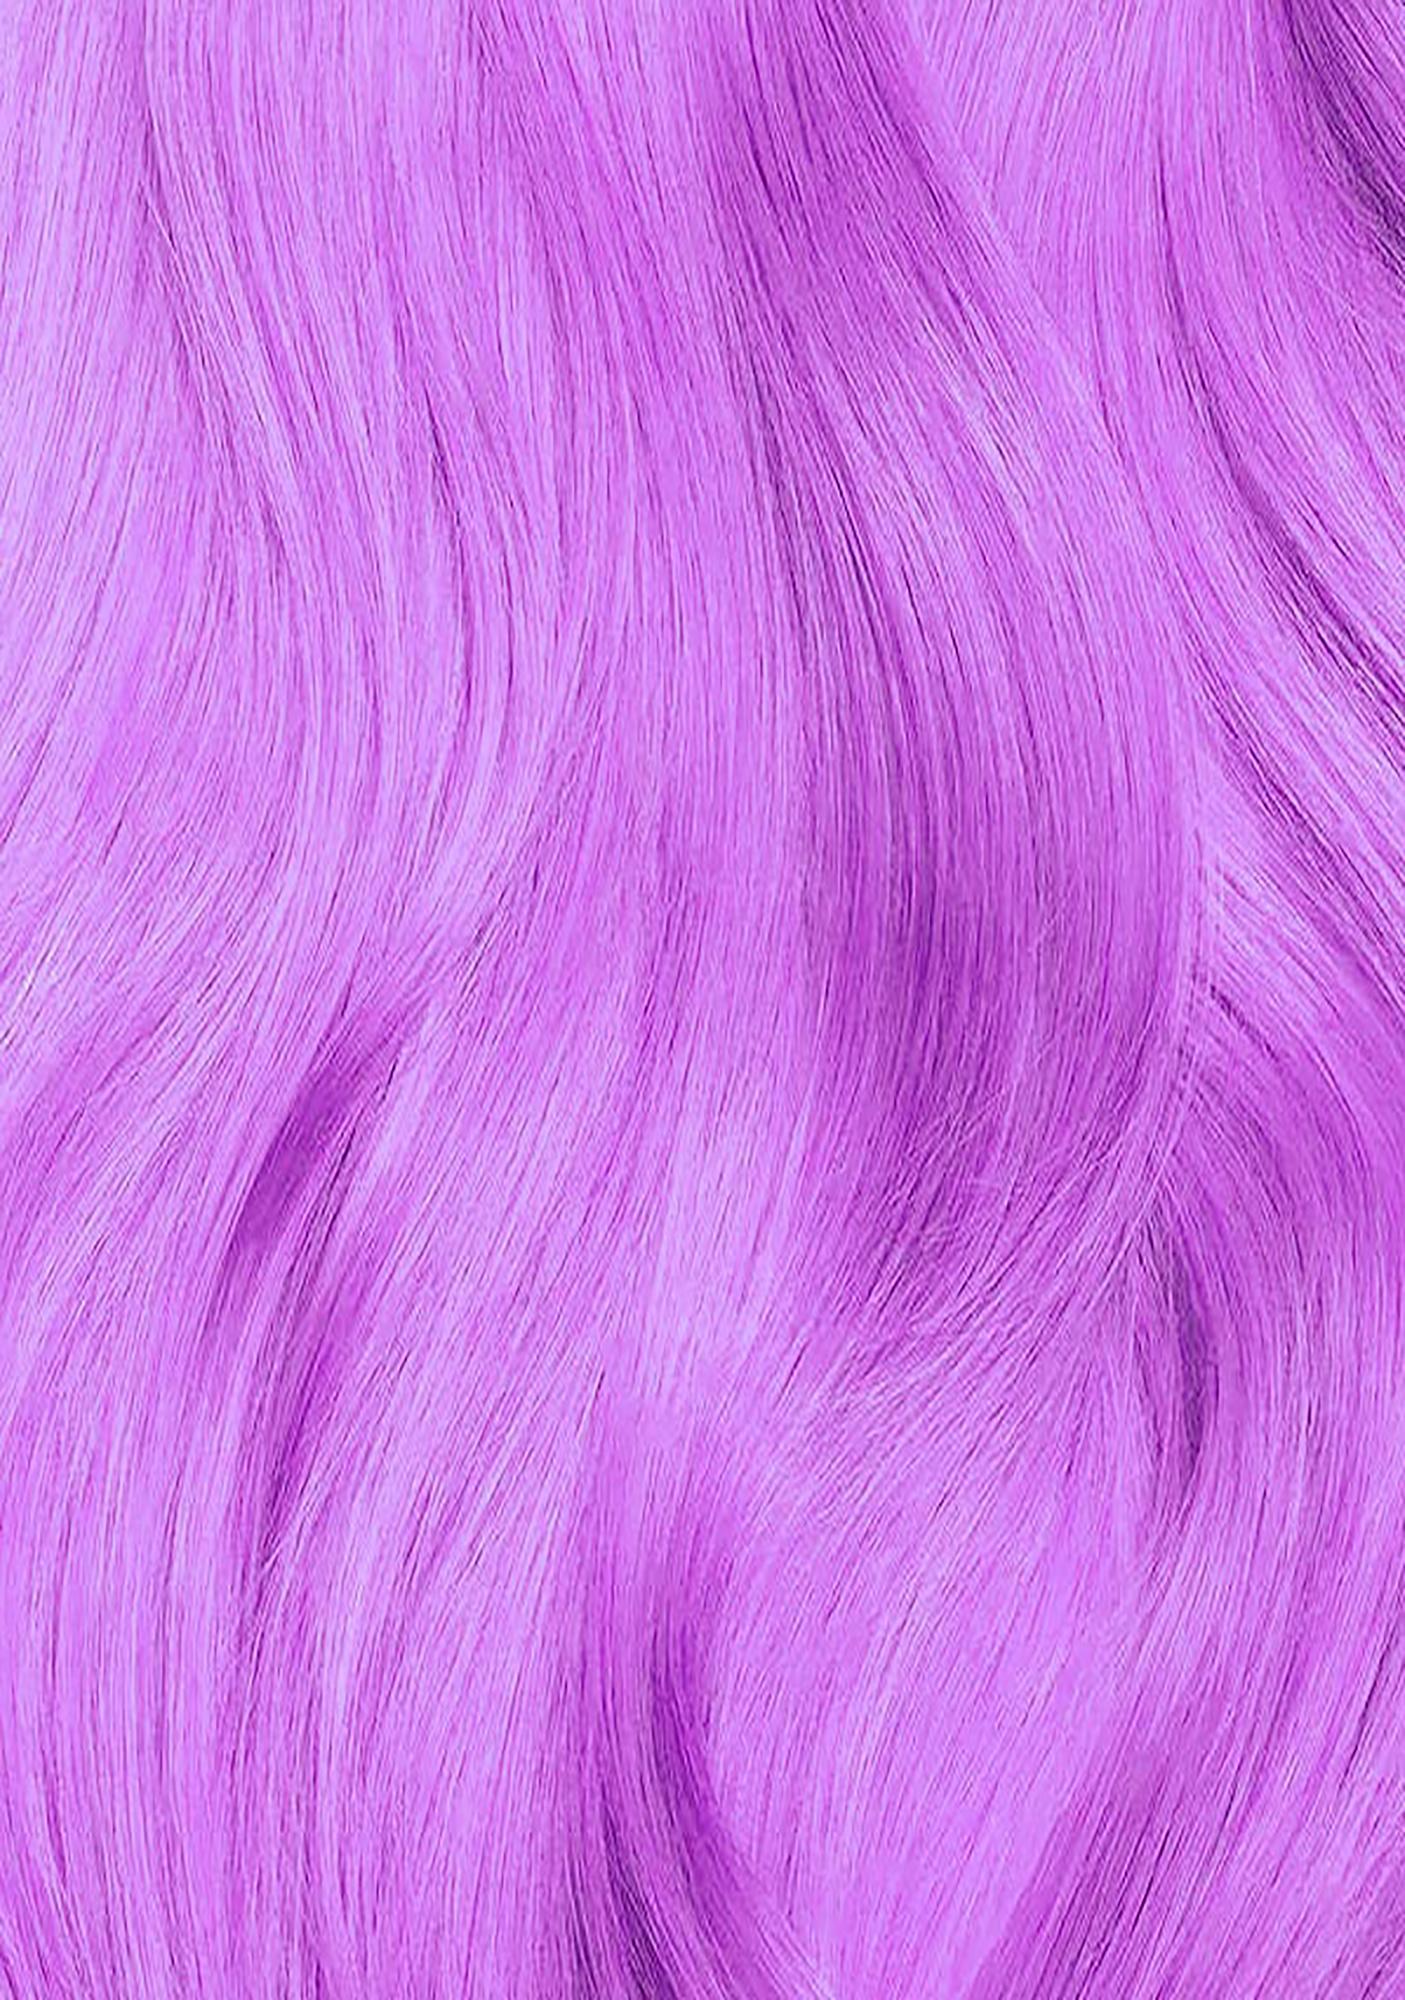 Lunar Tides  Amethyst Hair Dye